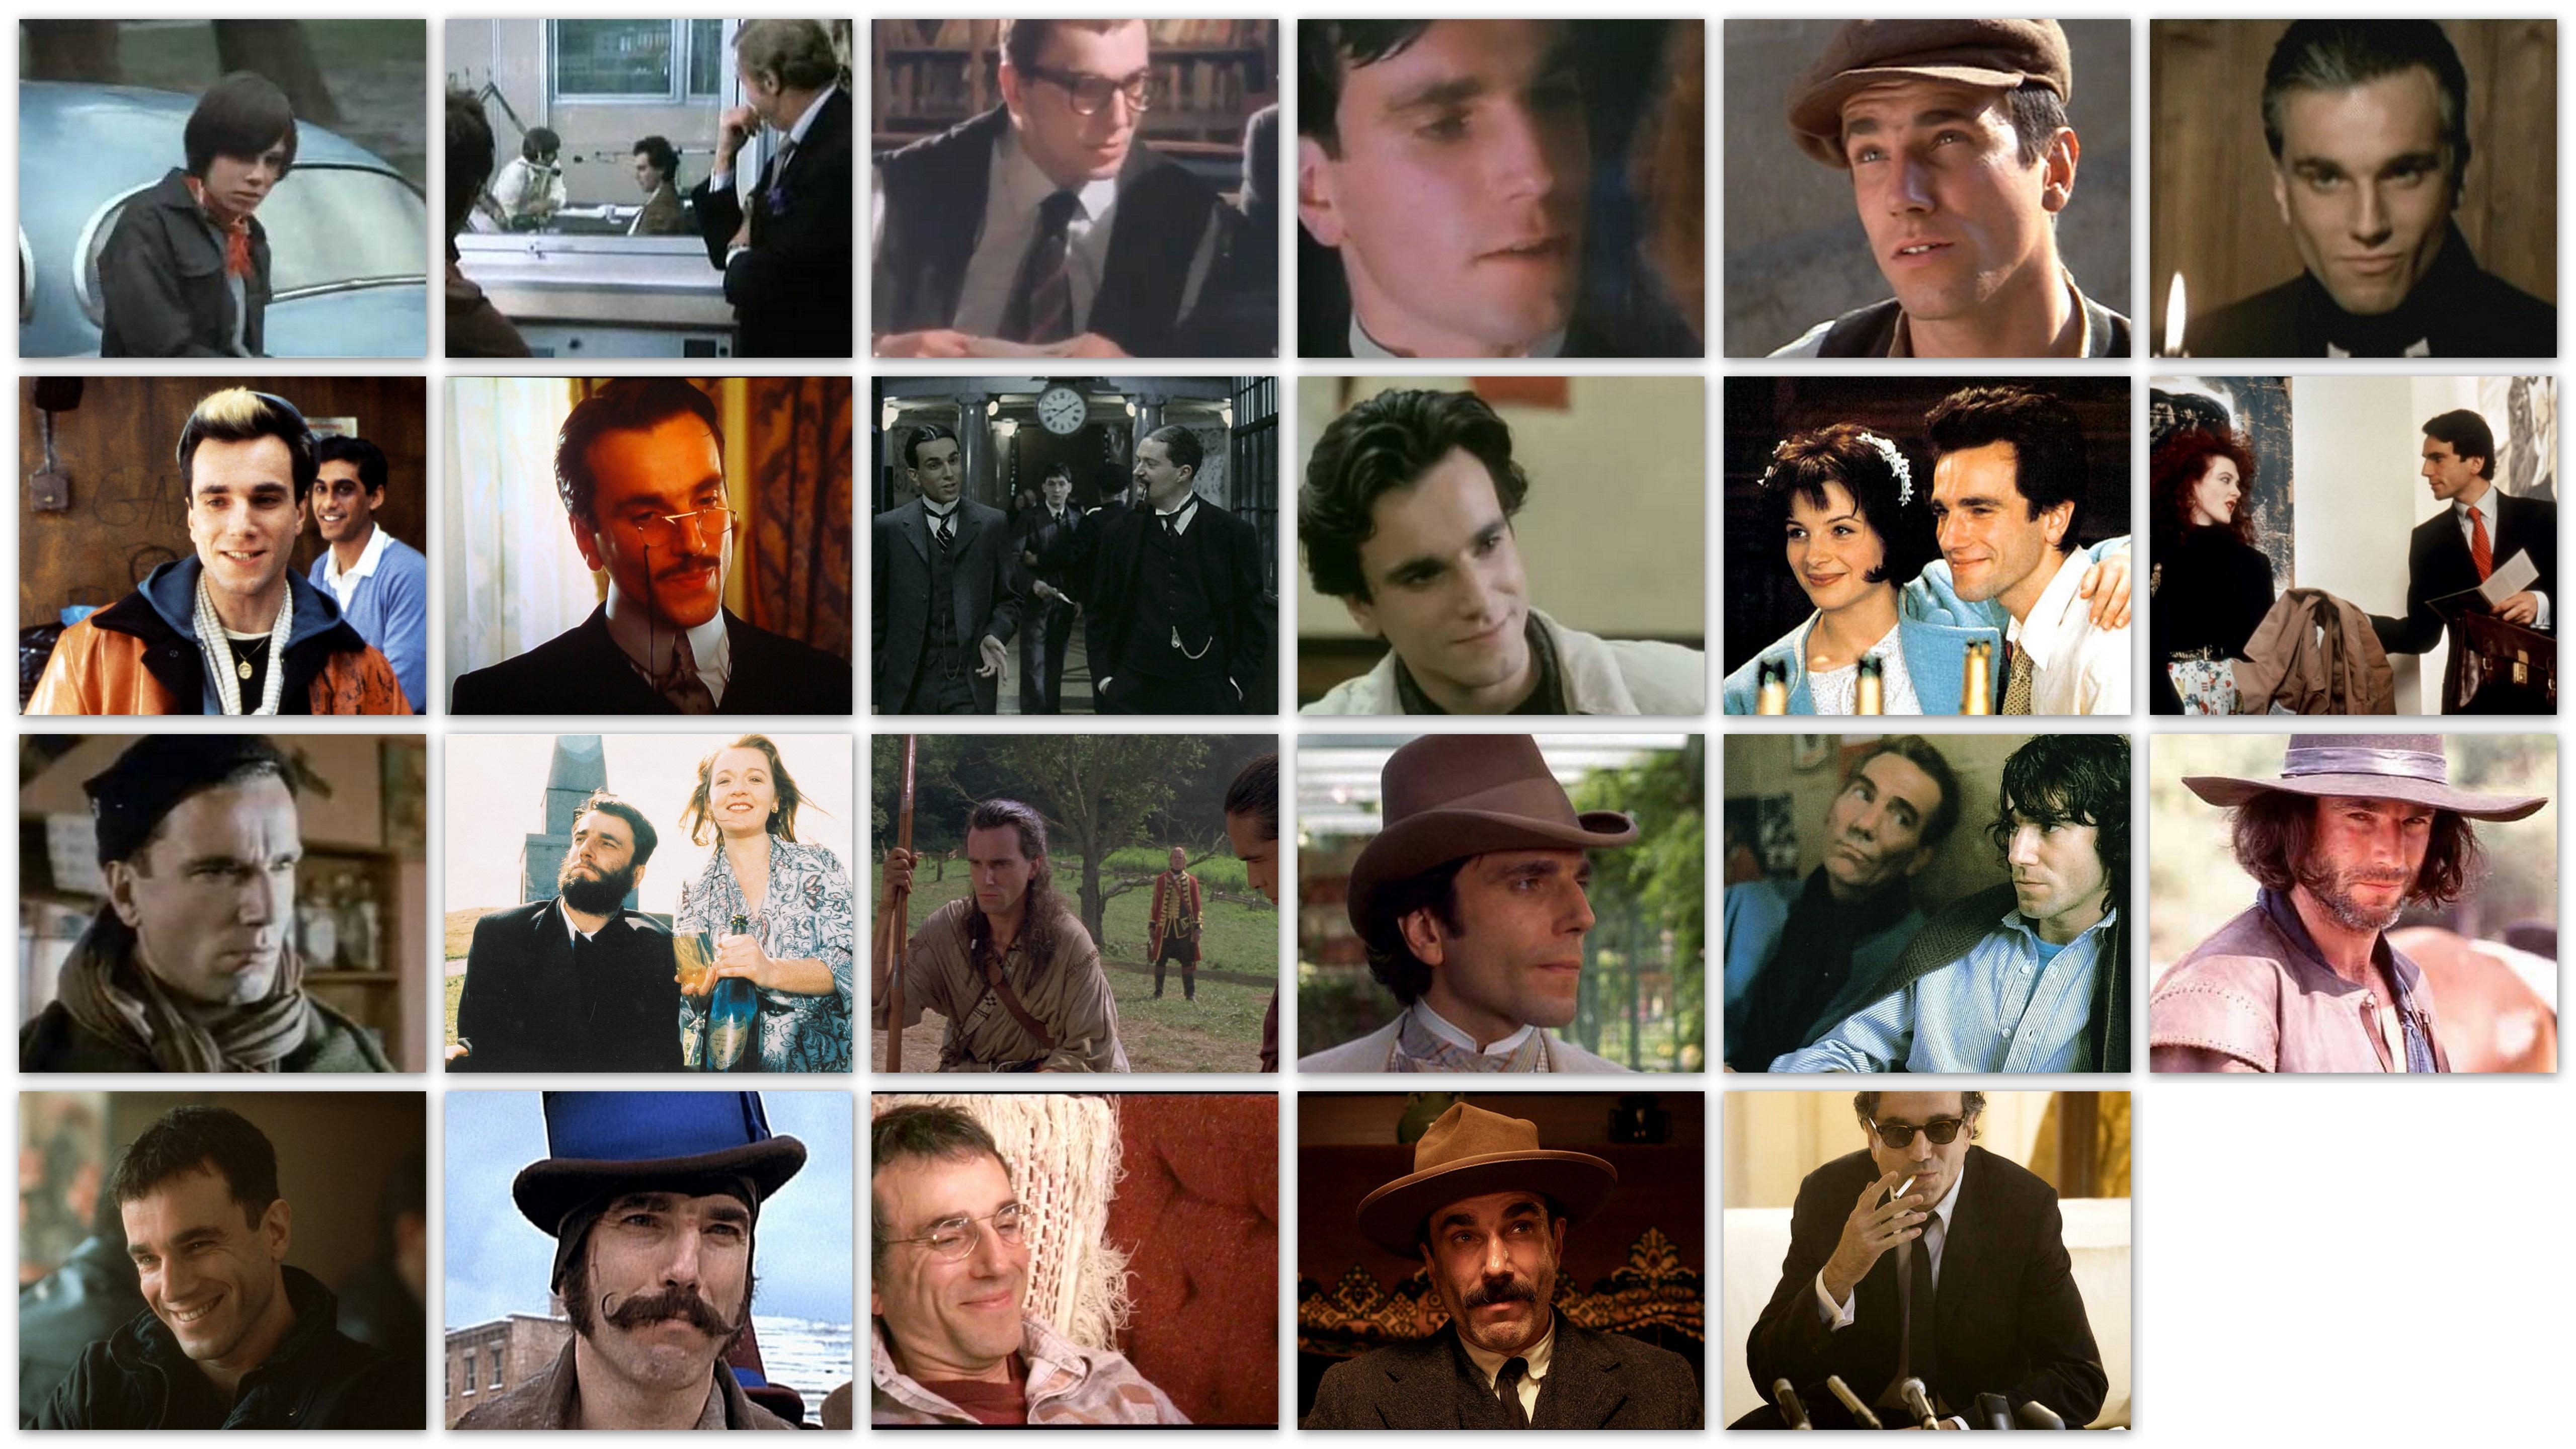 De vele gezichten van Daniel Day-Lewis